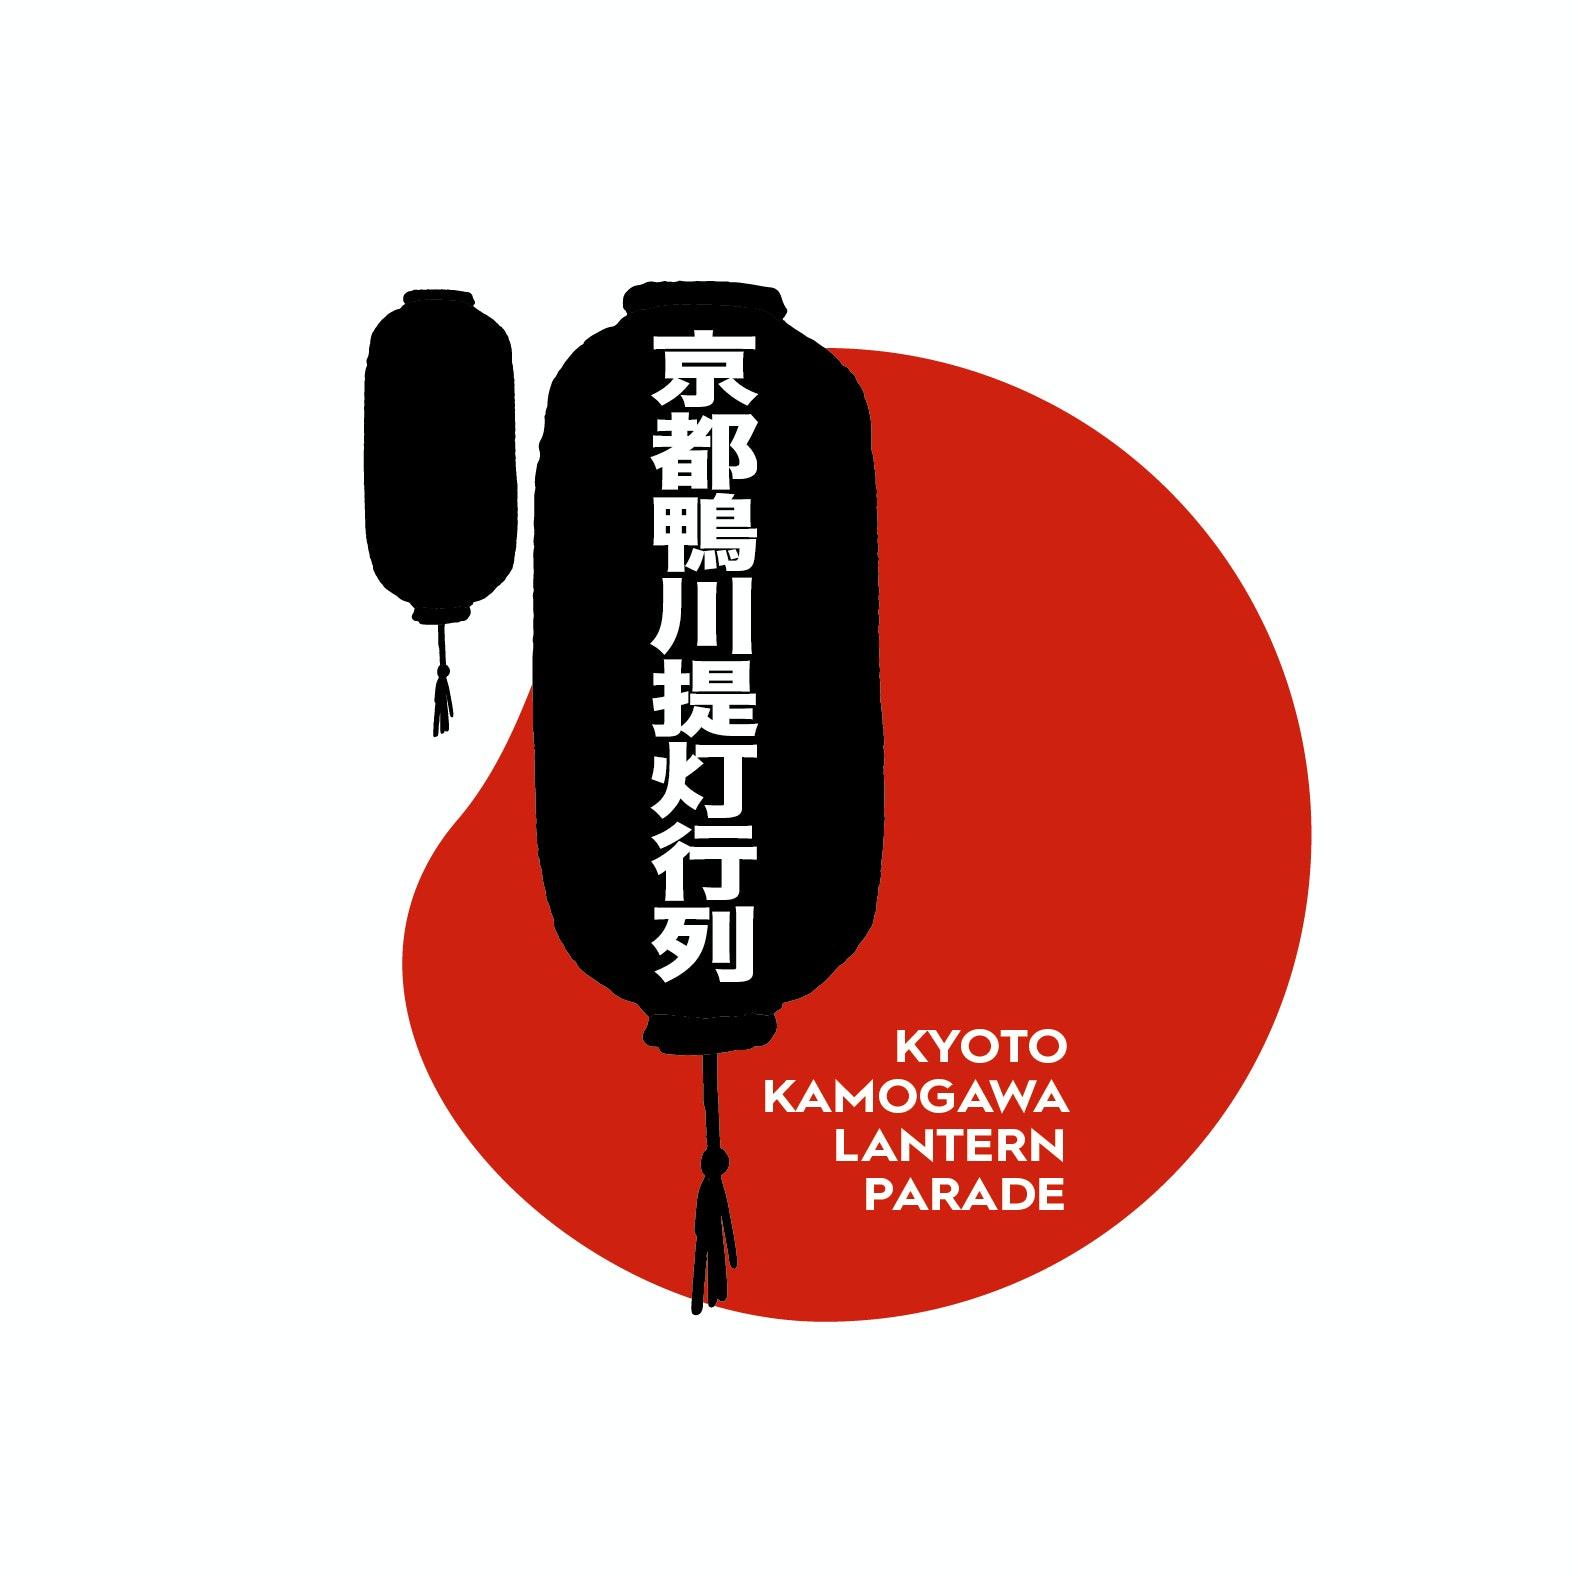 Kyoto Lantern Parade Logo